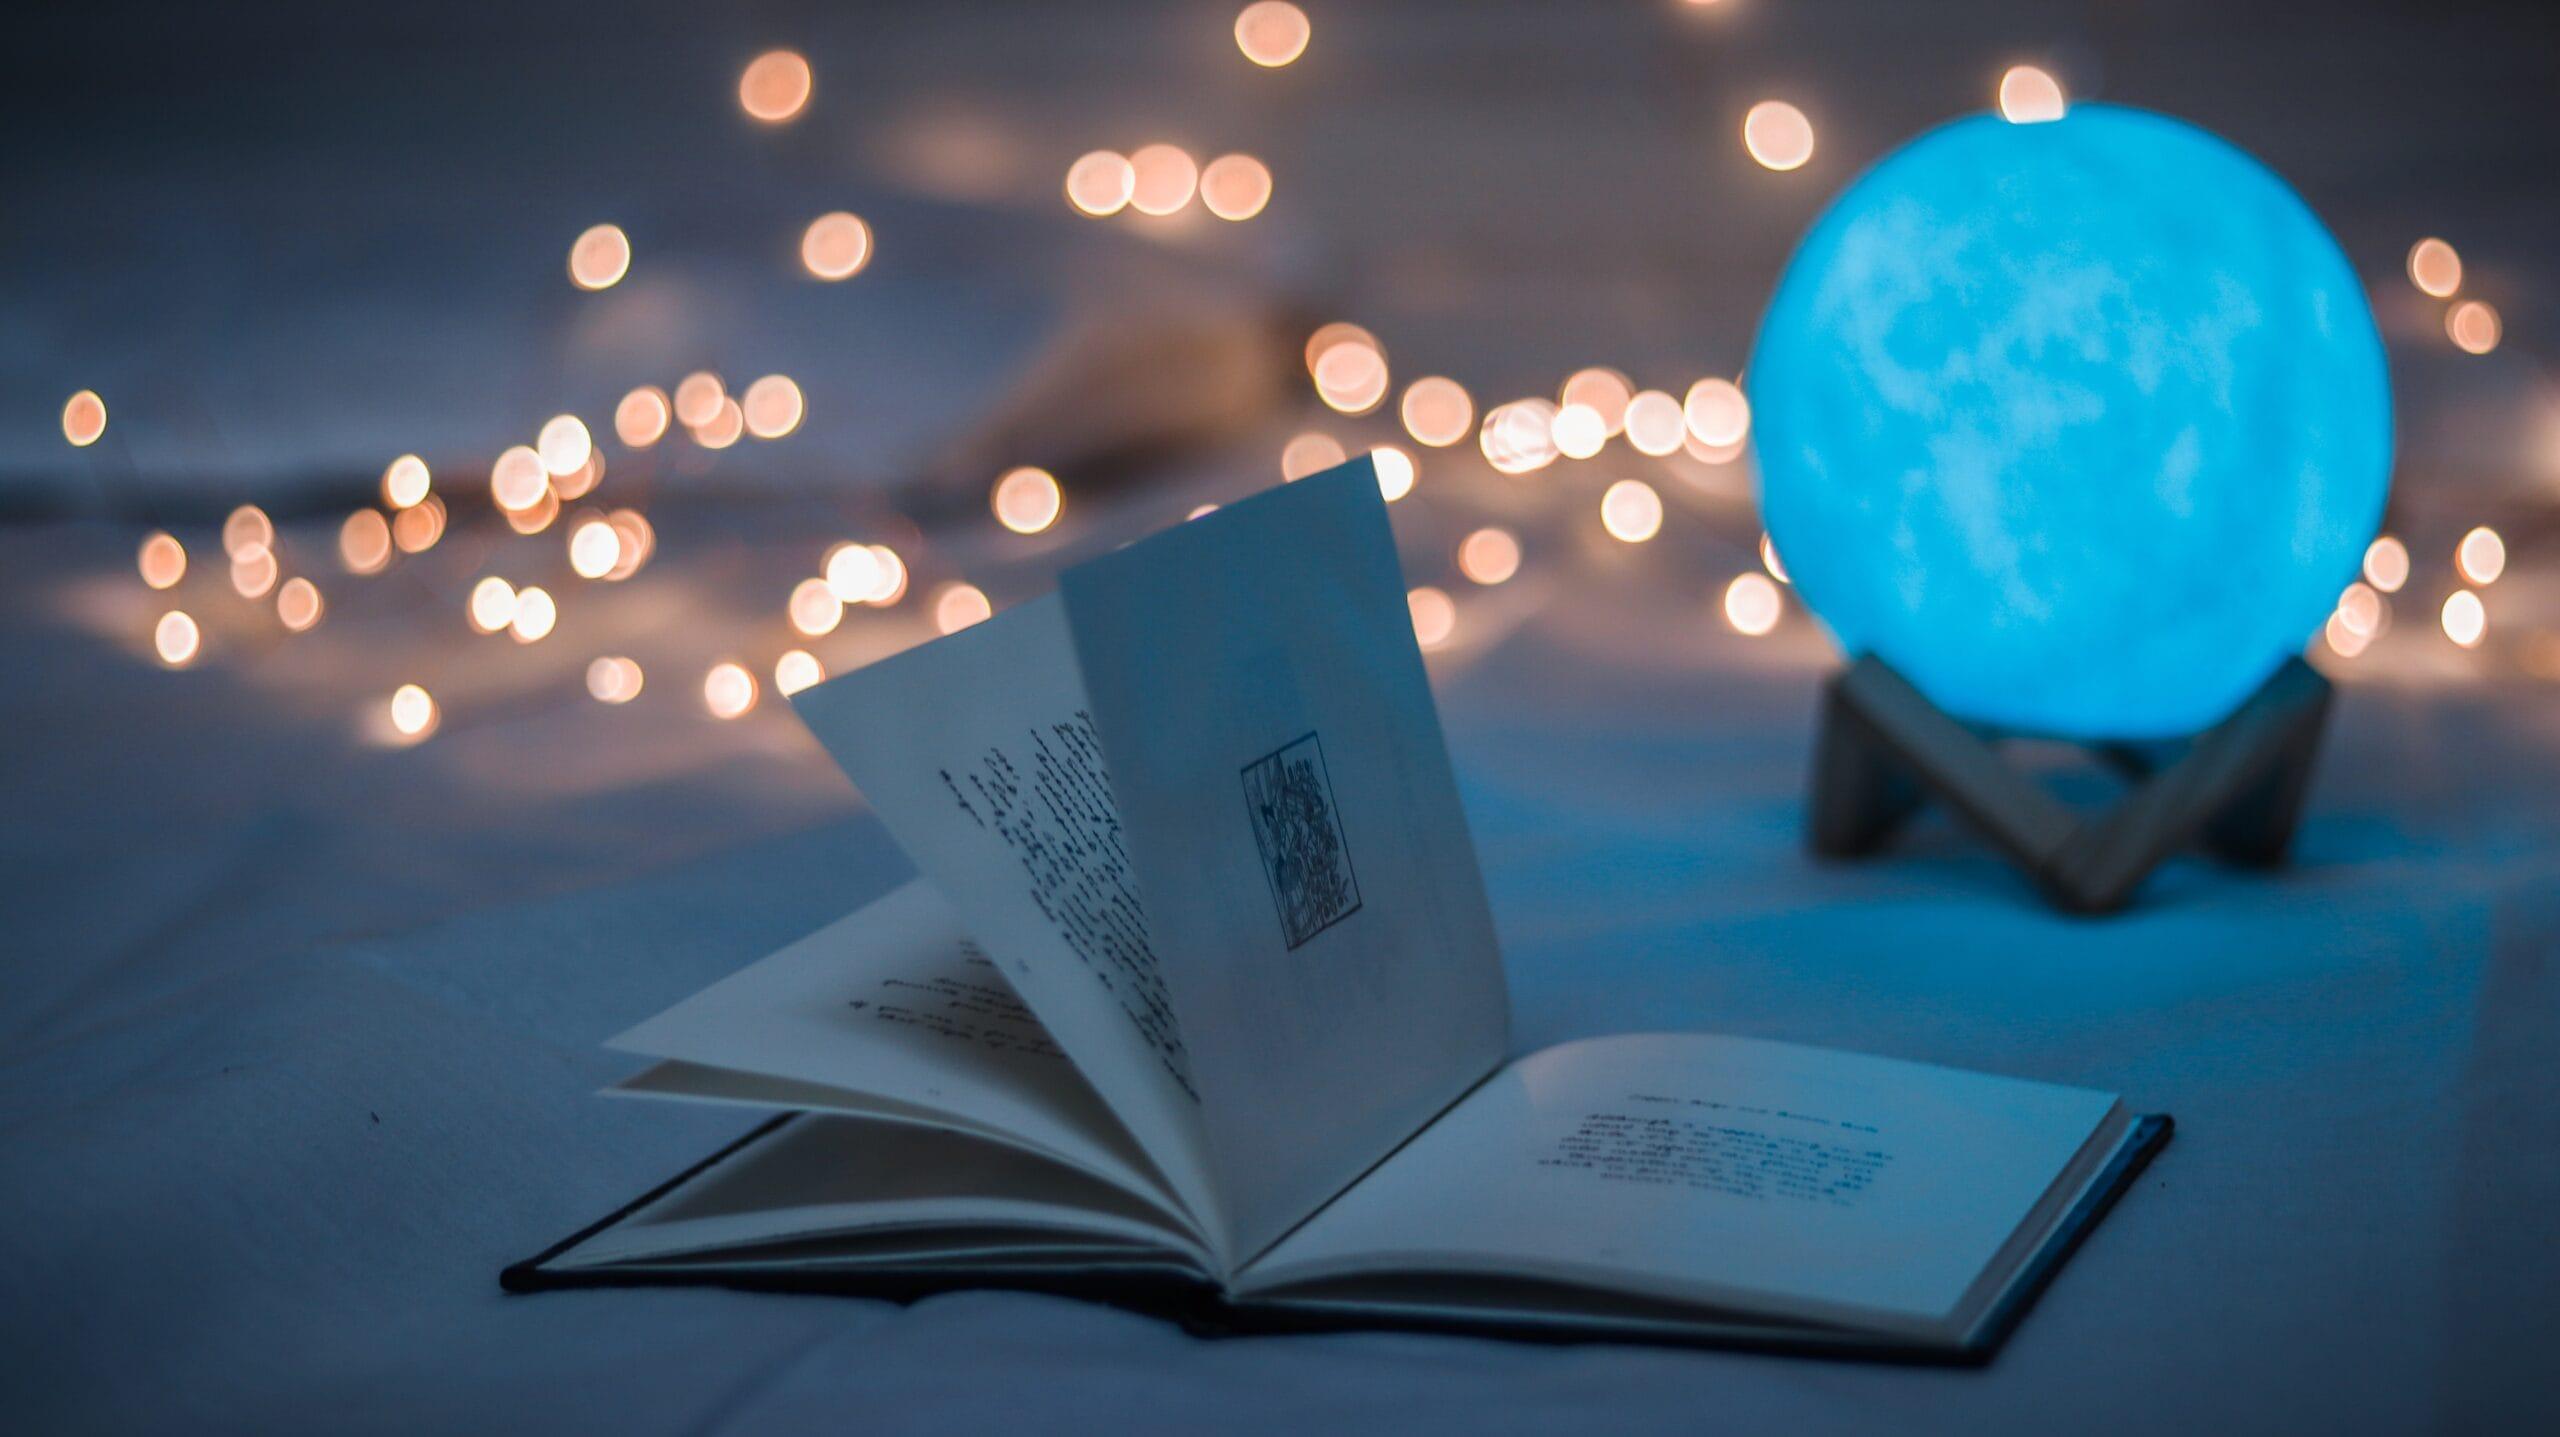 Eine magische Atmosphäre macht die Geschichte für Kinder besonders lebendig!